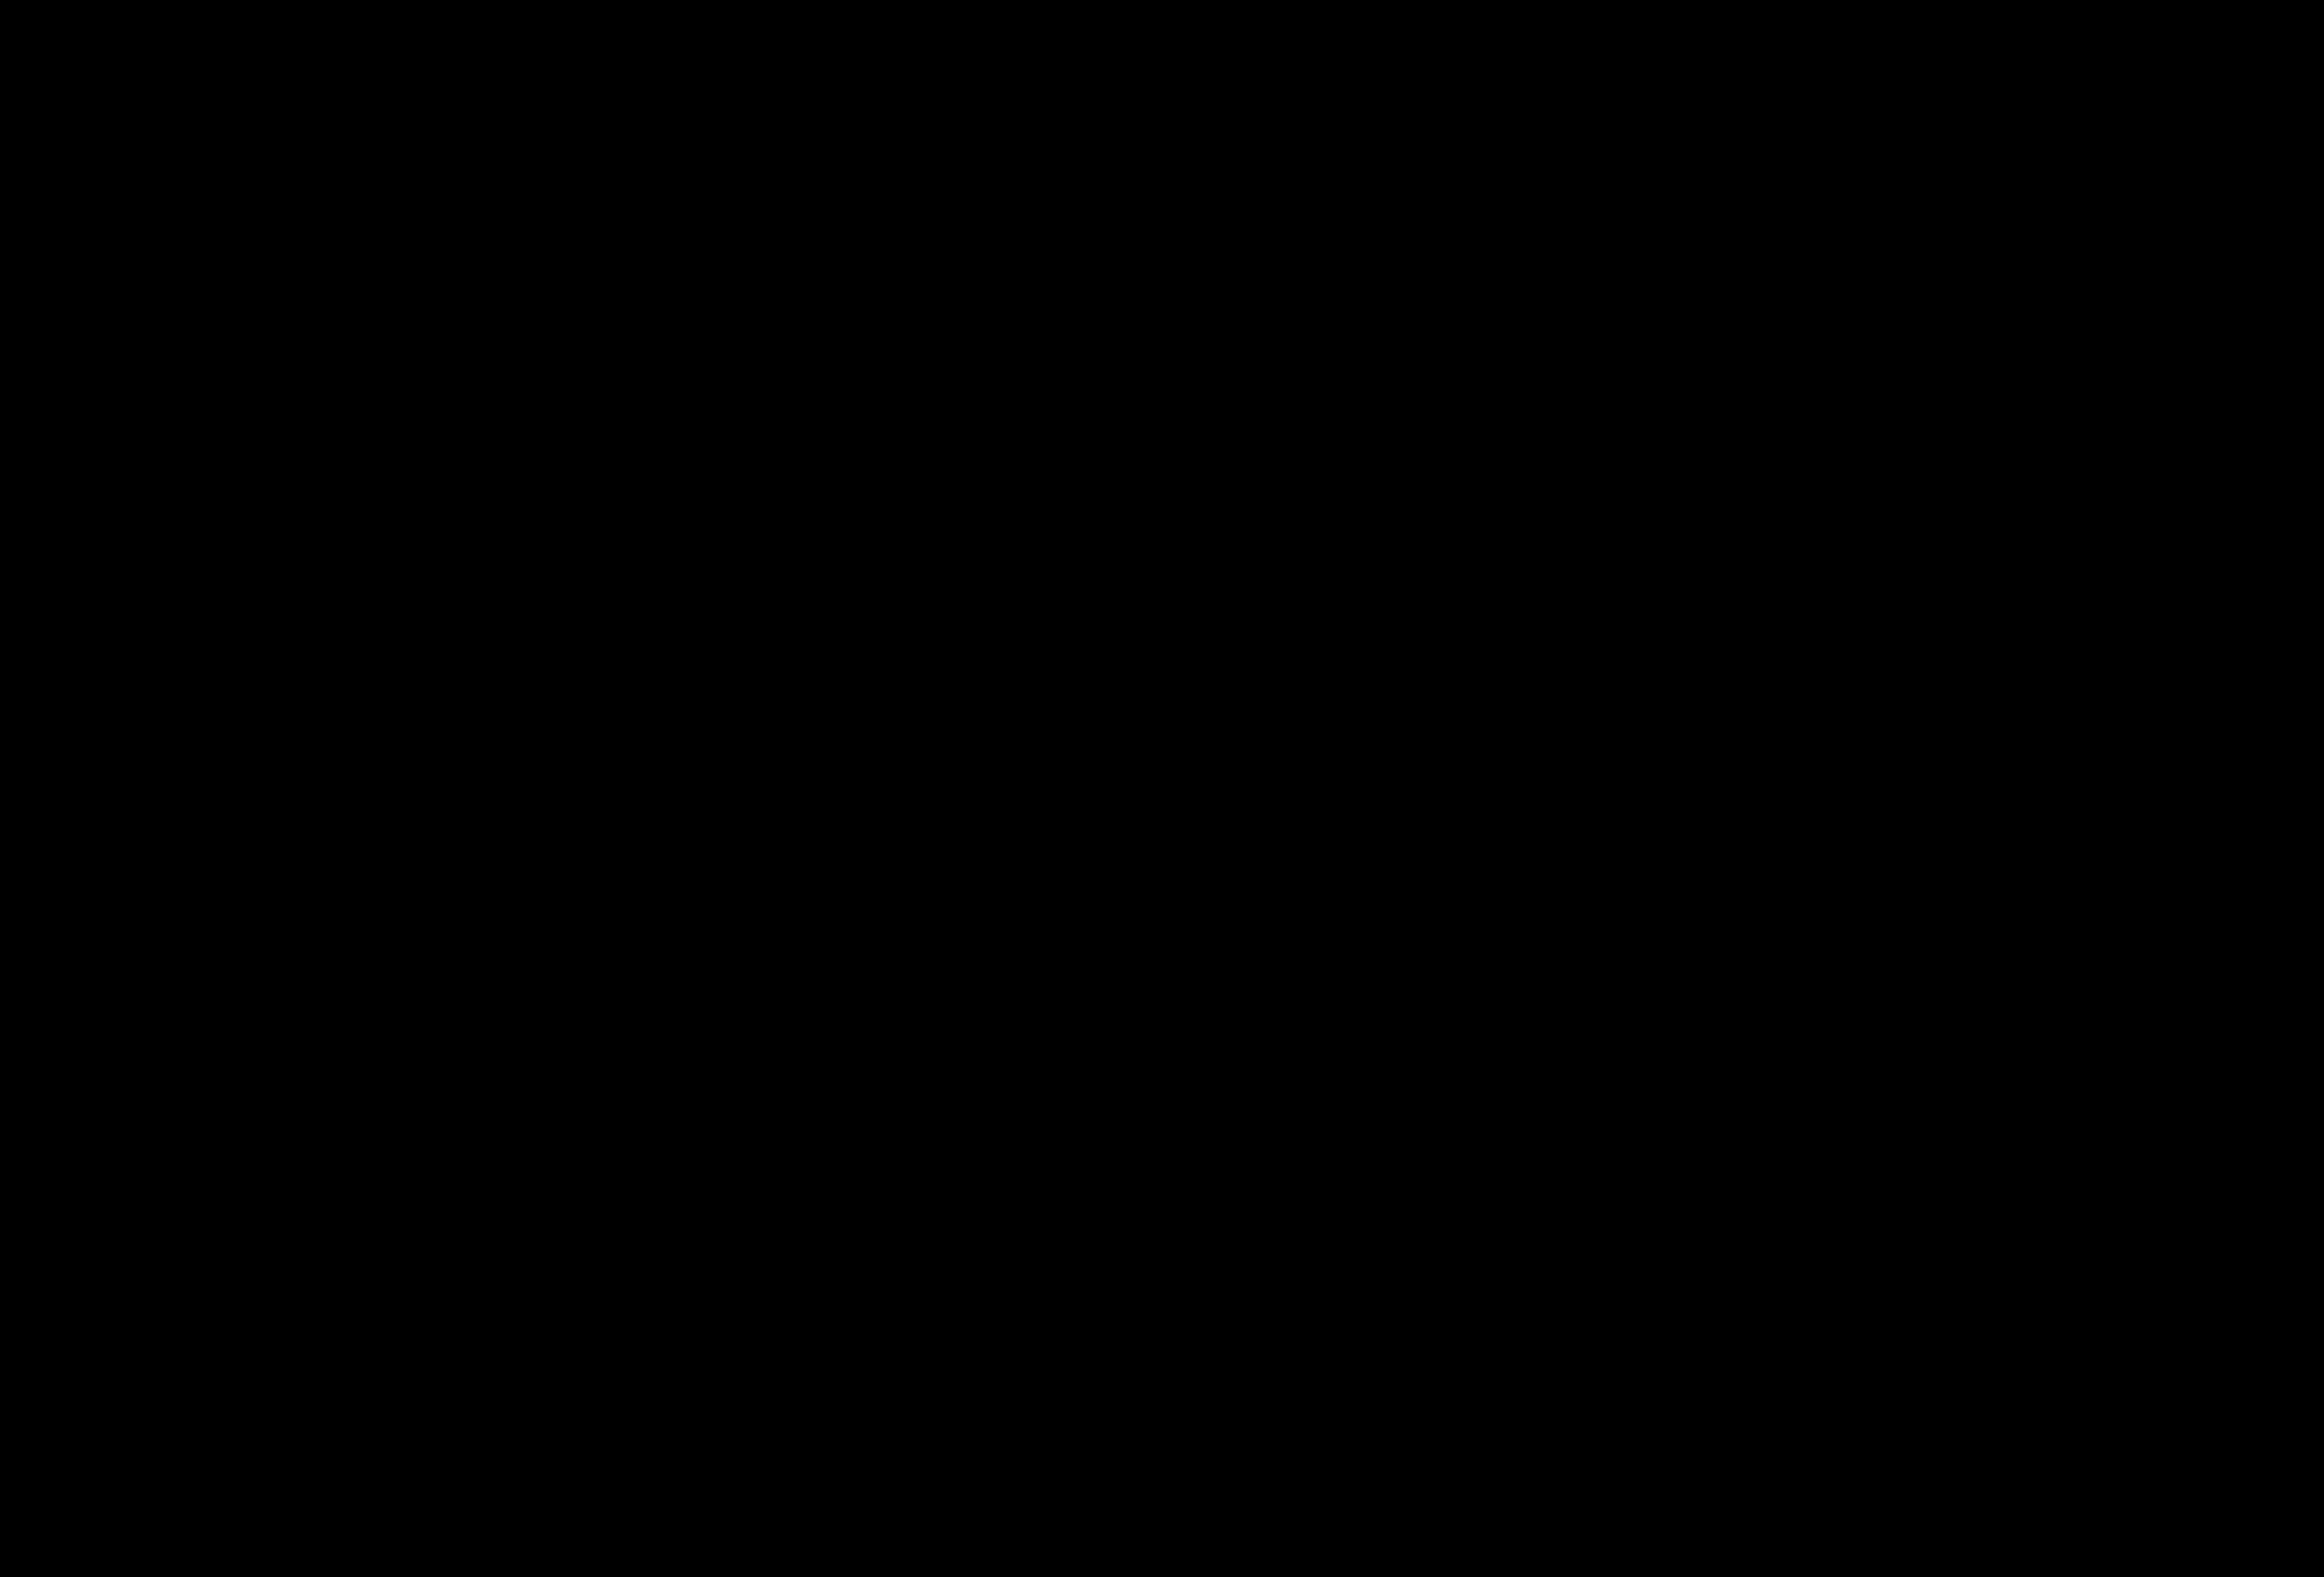 SHEET 4-Sheet 1.jpg